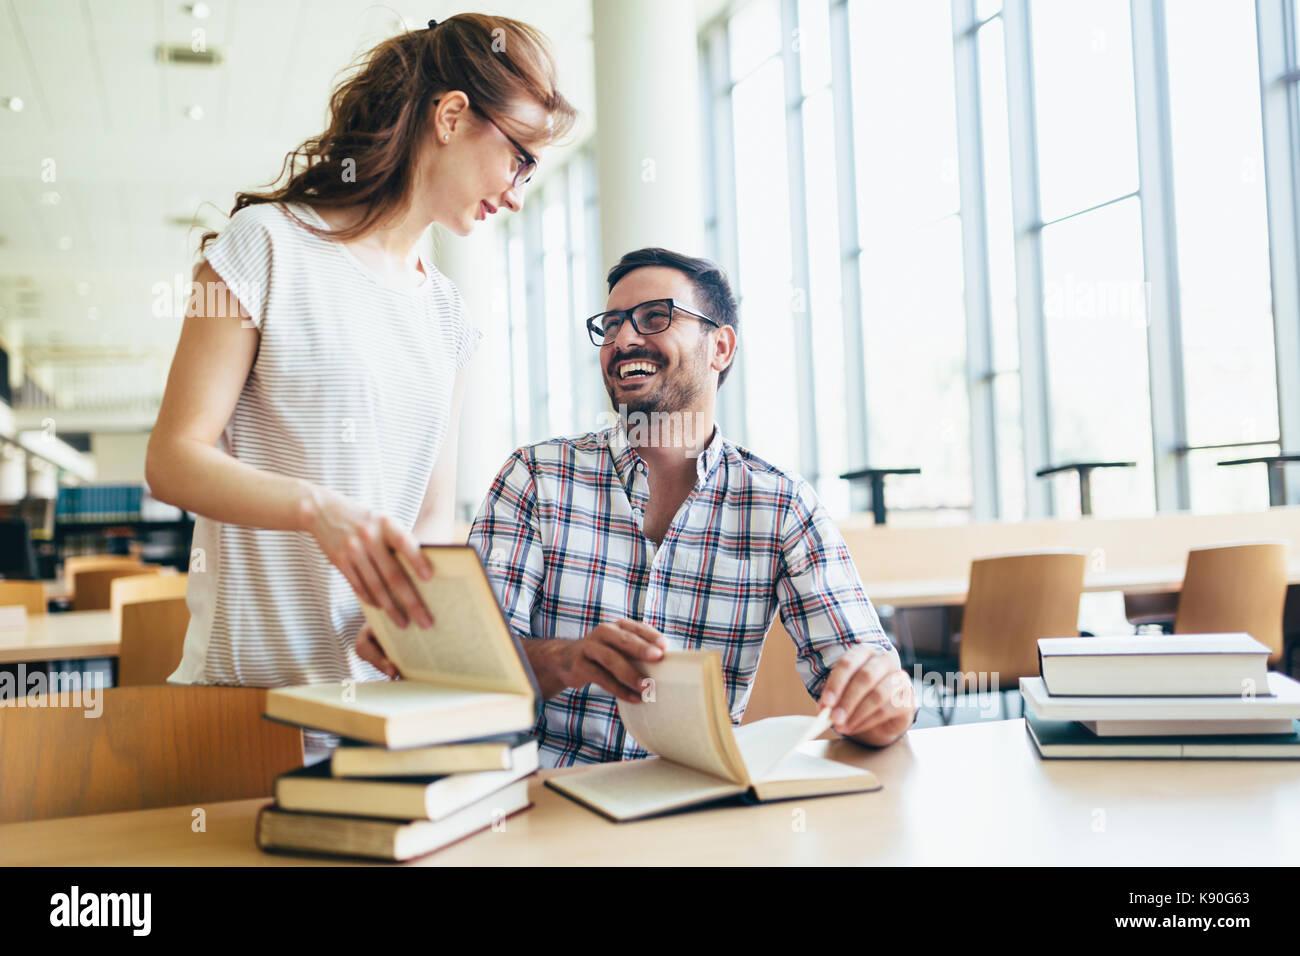 Los jóvenes estudiantes atractivo pasar tiempo en la biblioteca Imagen De Stock